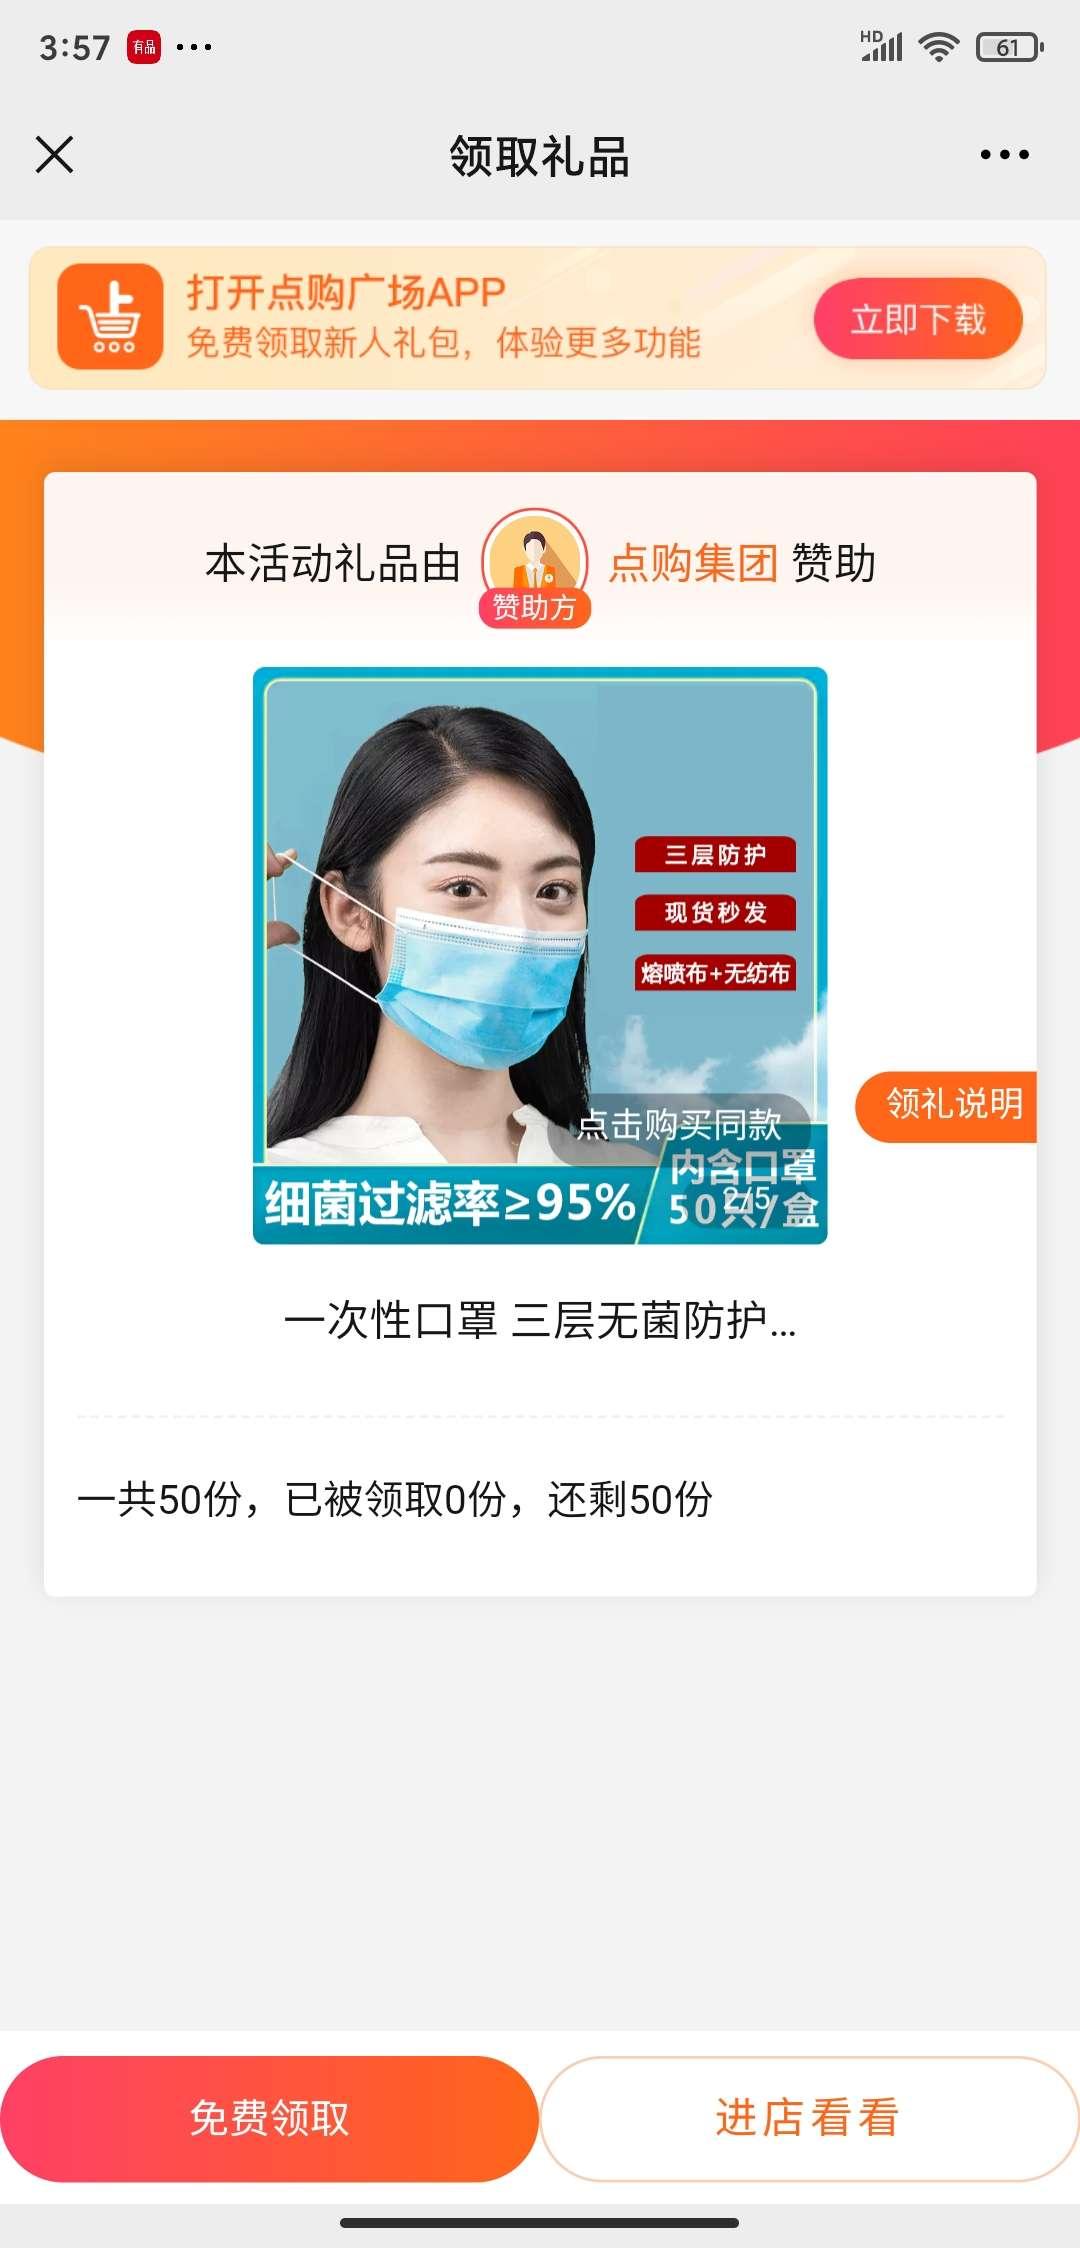 点购广场app新用户领50个口罩